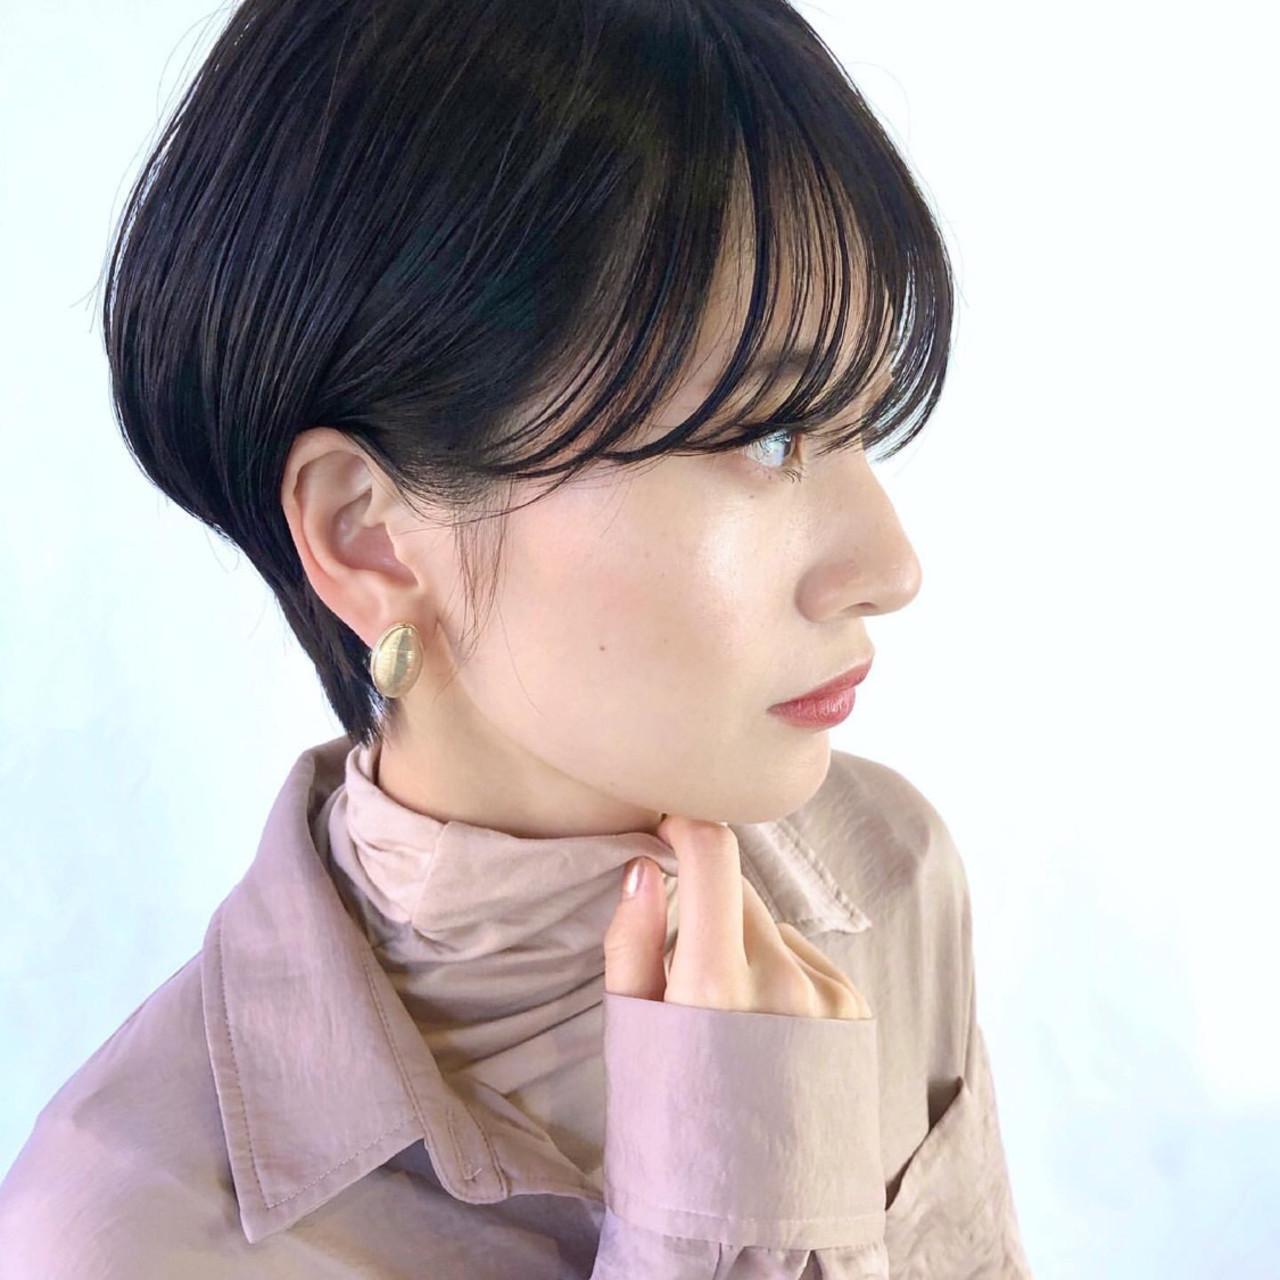 ショートヘア 黒髪ショート 暗髪 ショート ヘアスタイルや髪型の写真・画像